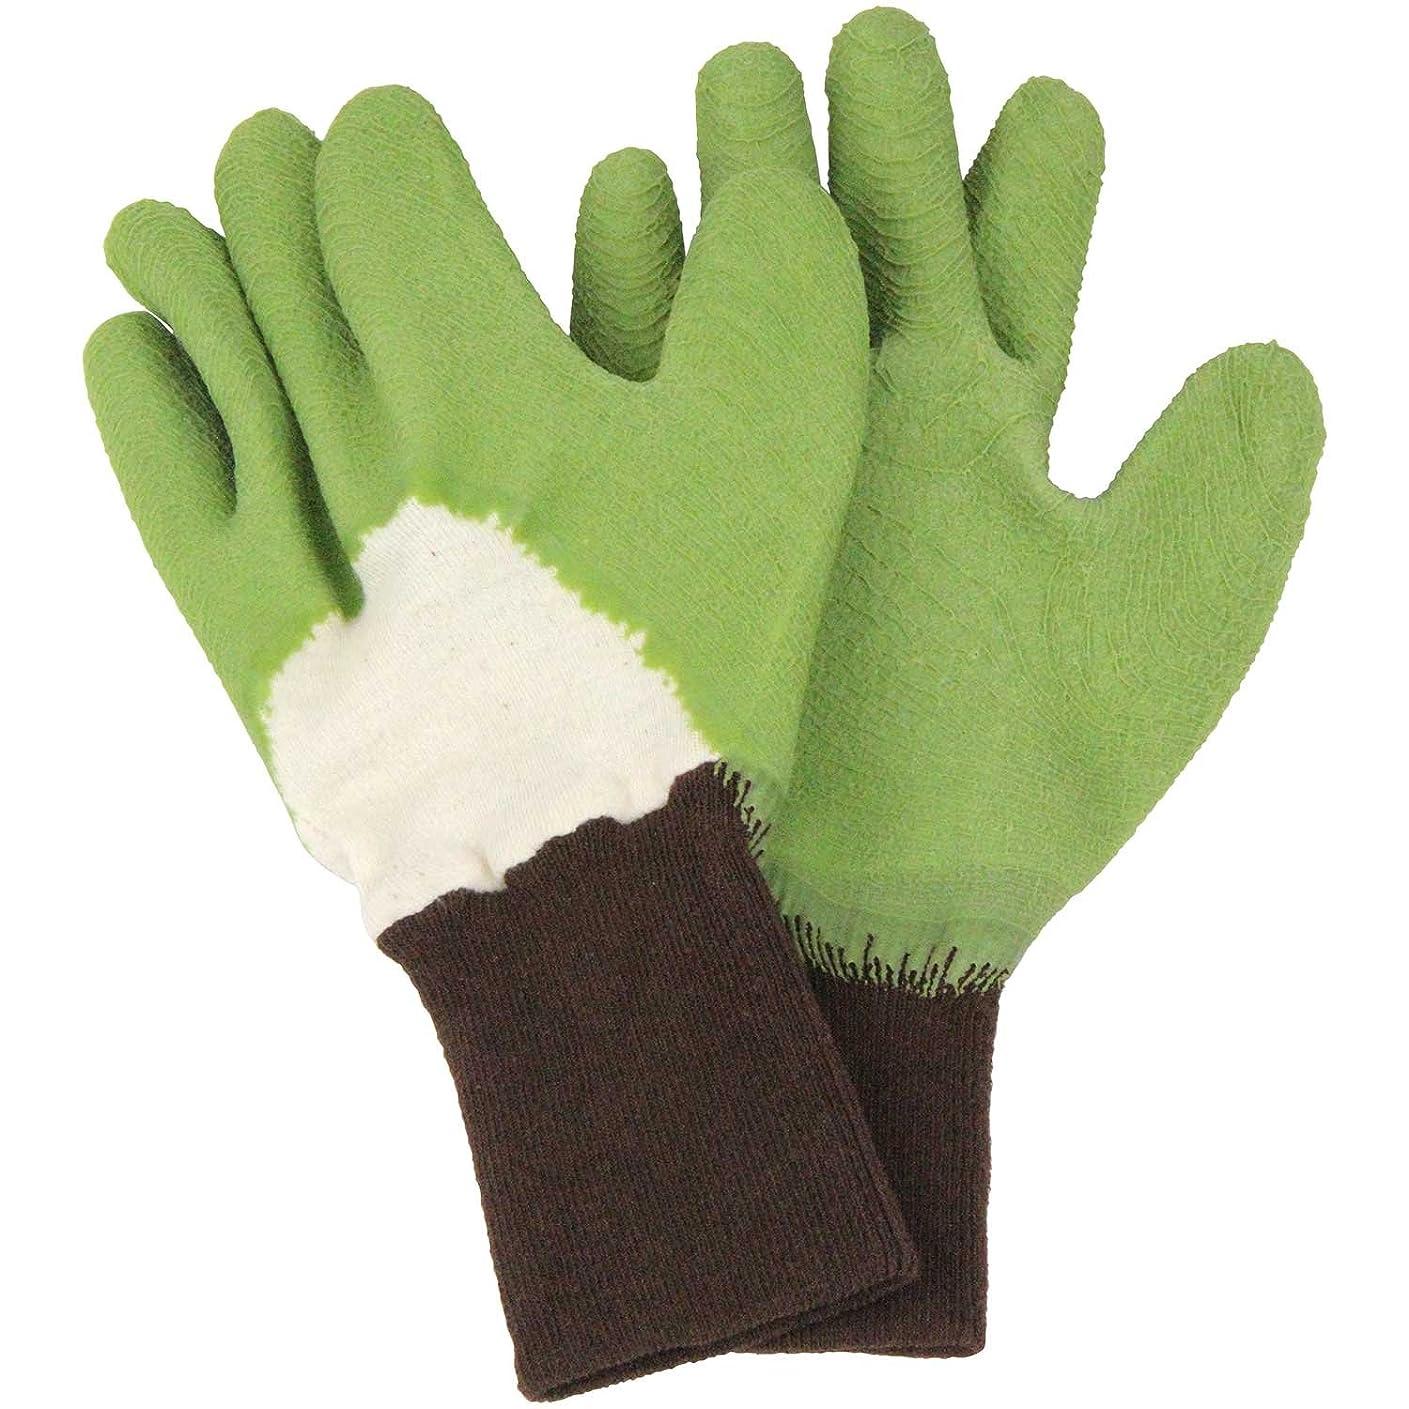 解明する気性役に立たないセフティー3 トゲがささりにくい手袋 グリーン M